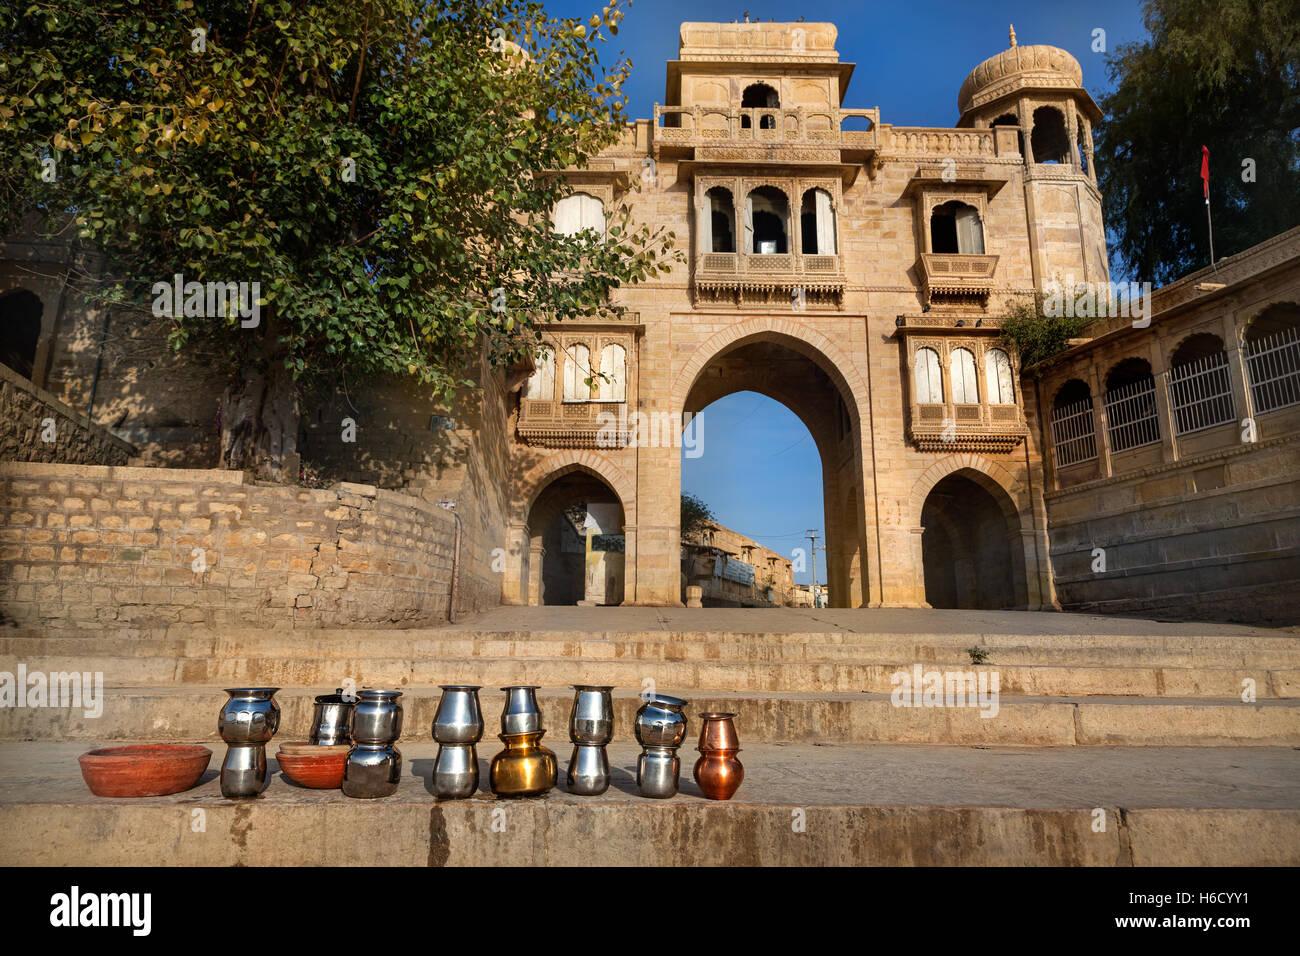 Tempio arco in prossimità del Gadi Sagar Lago rituale e vasi di ferro in Jaisalmer, Rajasthan, India Immagini Stock